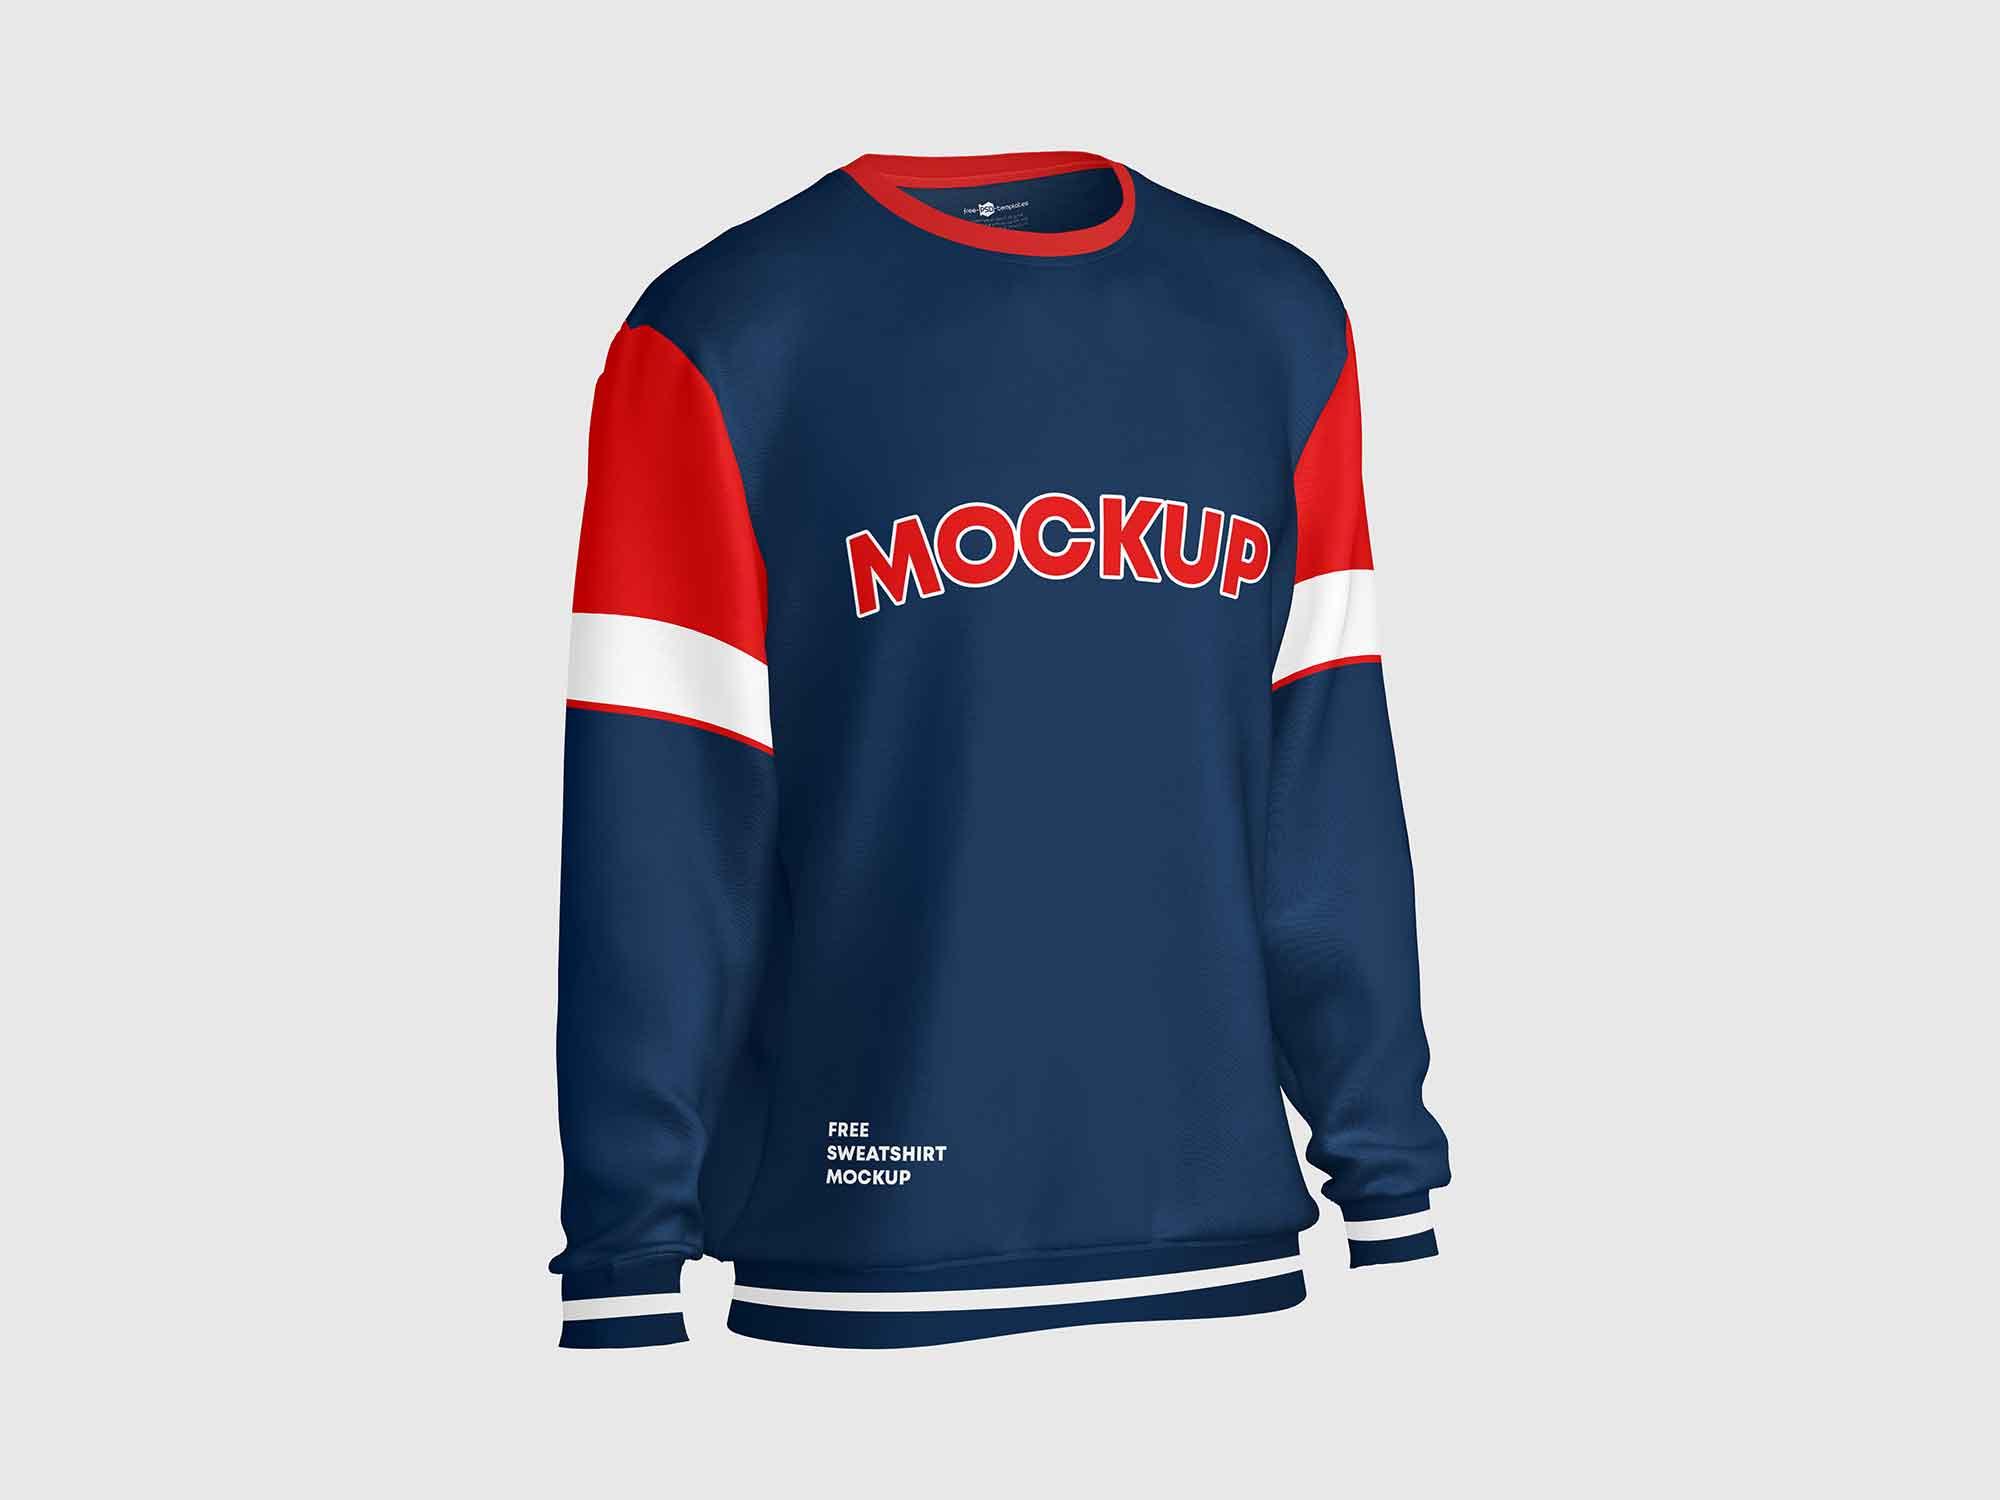 Sweatshirt Mockup Side